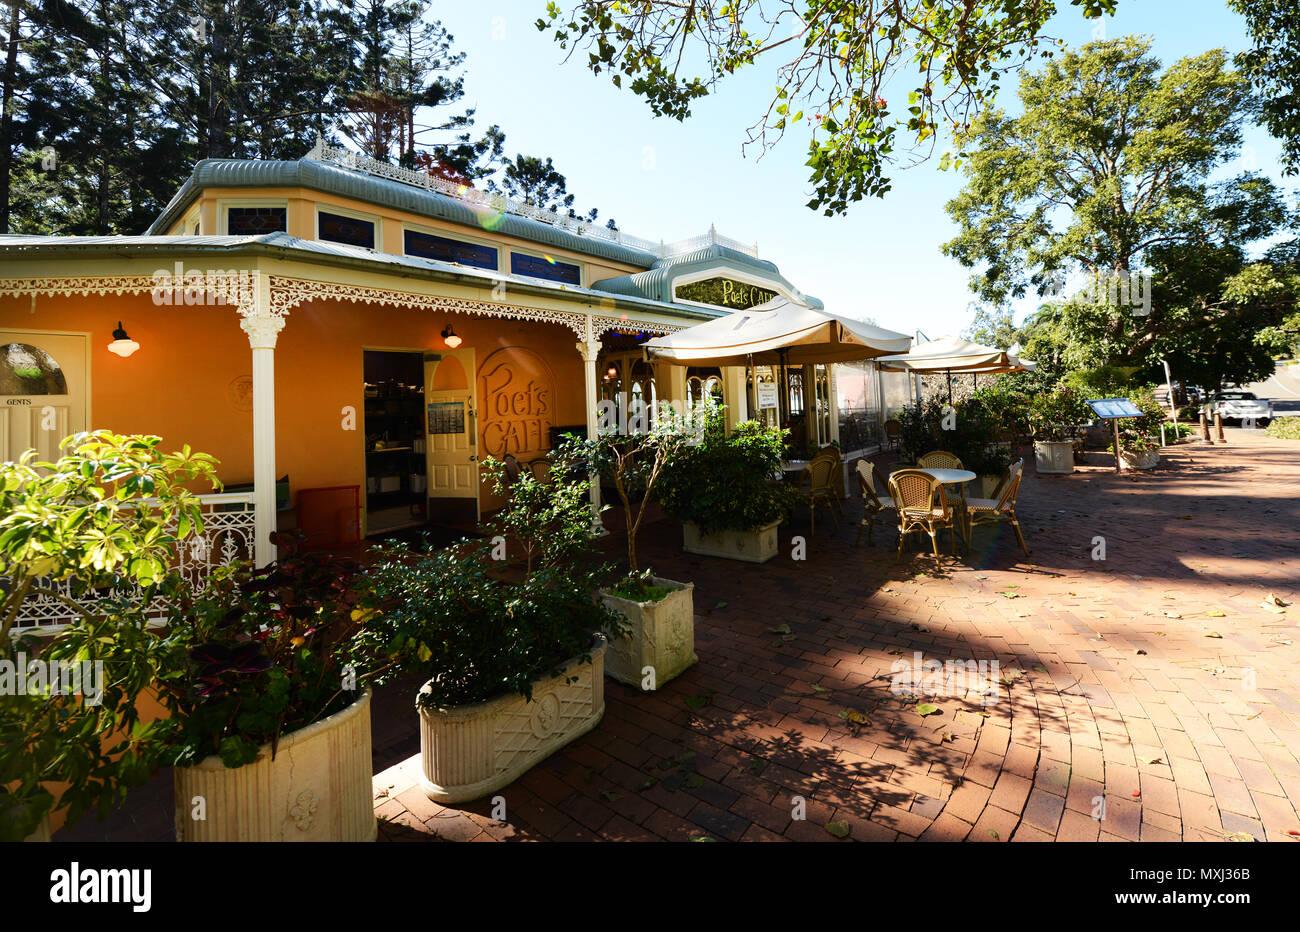 Poet's cafe in Montville, Queensland. - Stock Image